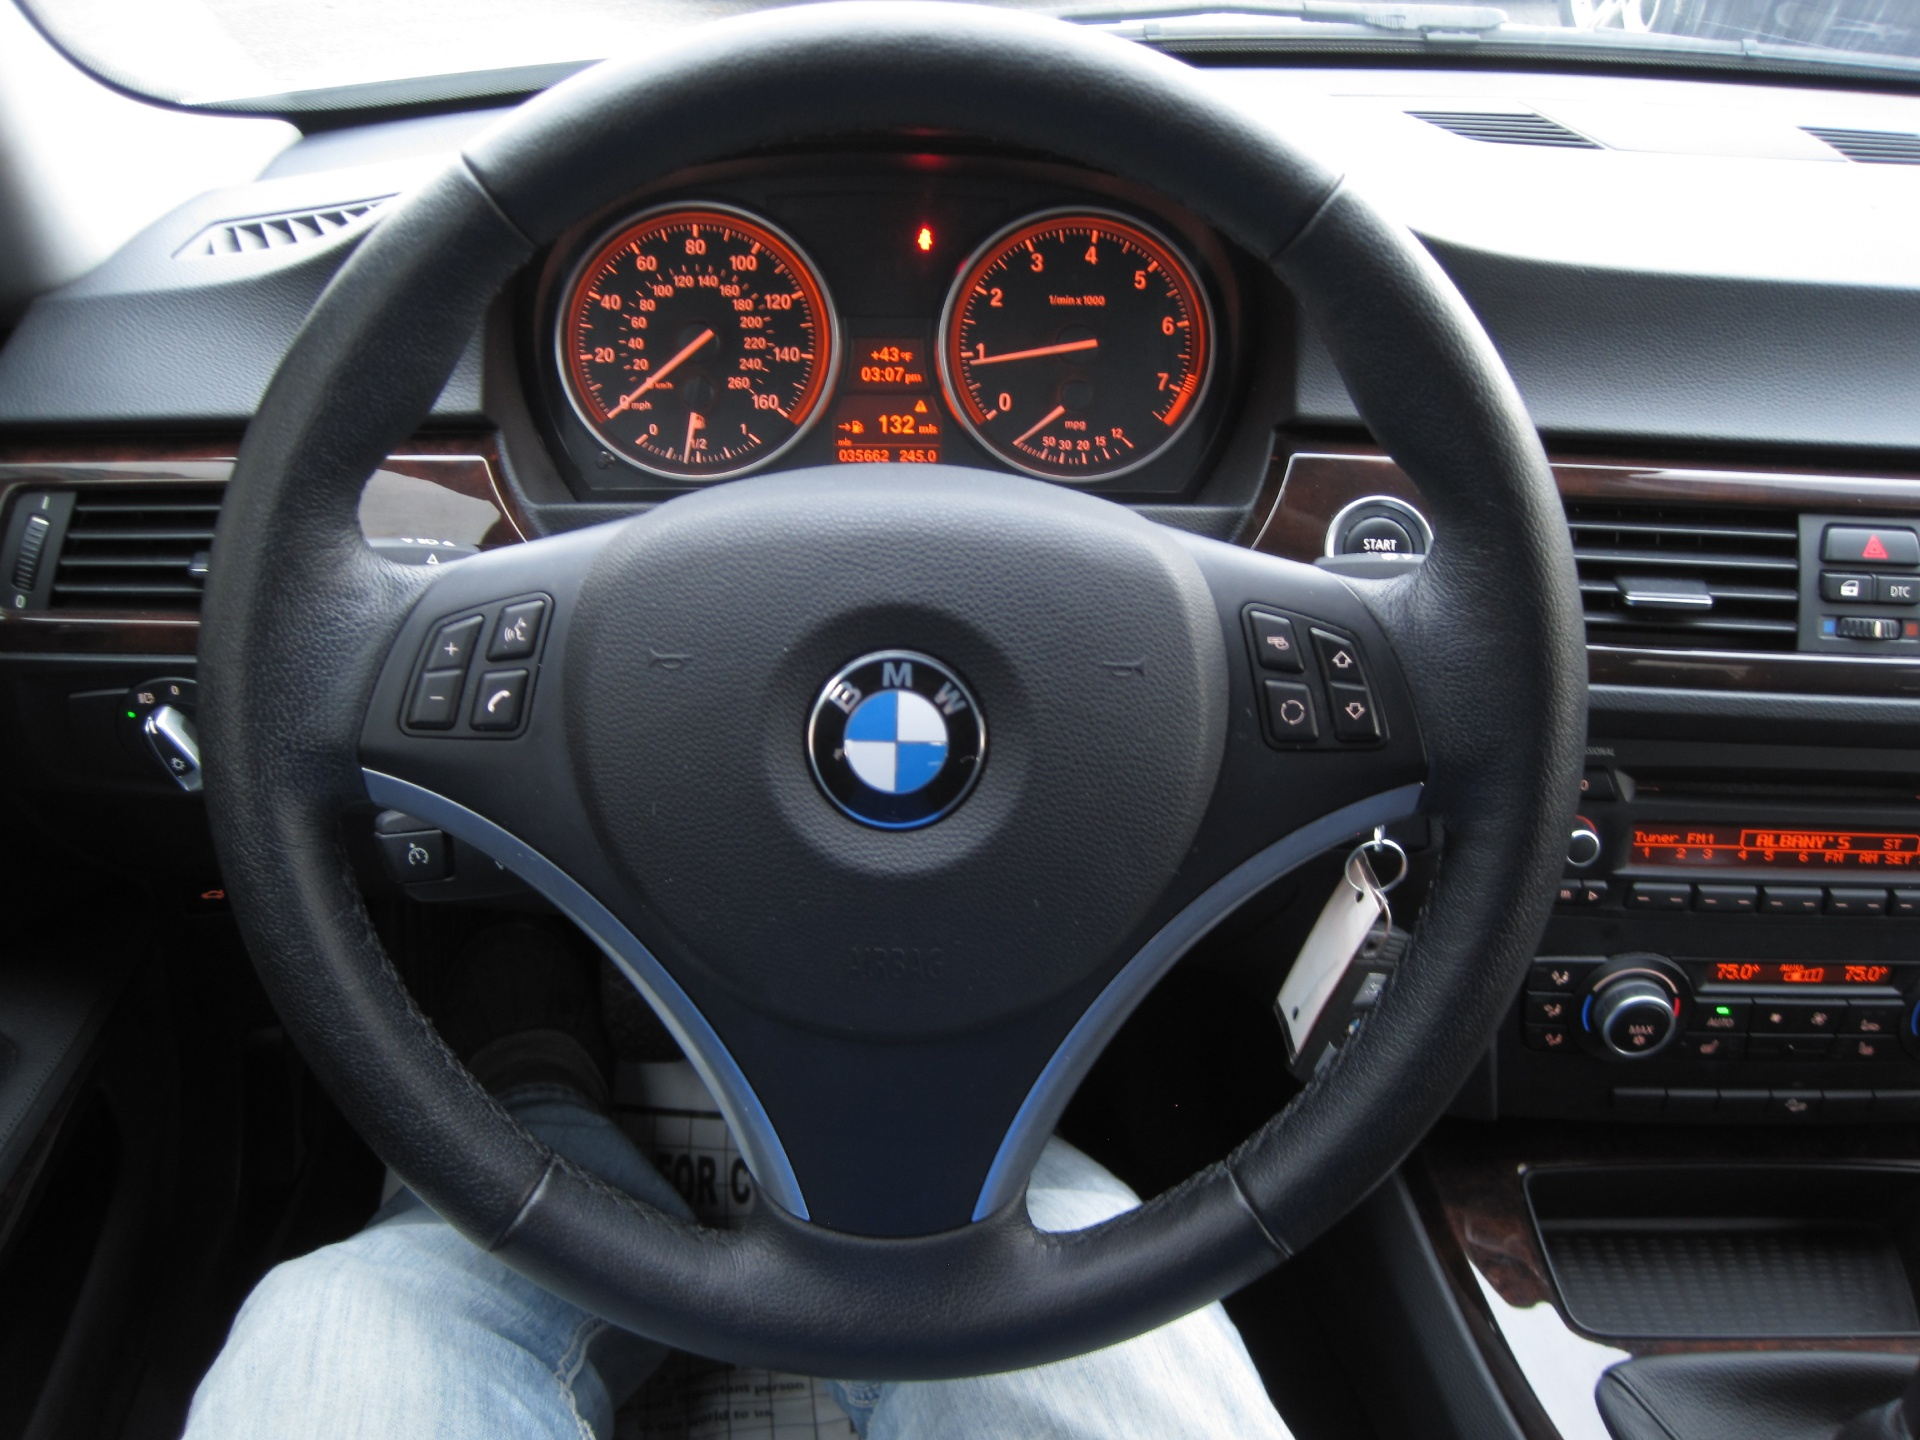 2011 Bmw 3 Series 328i Xdrive Awd 6 Speed Manual Sport Premium Pkgs